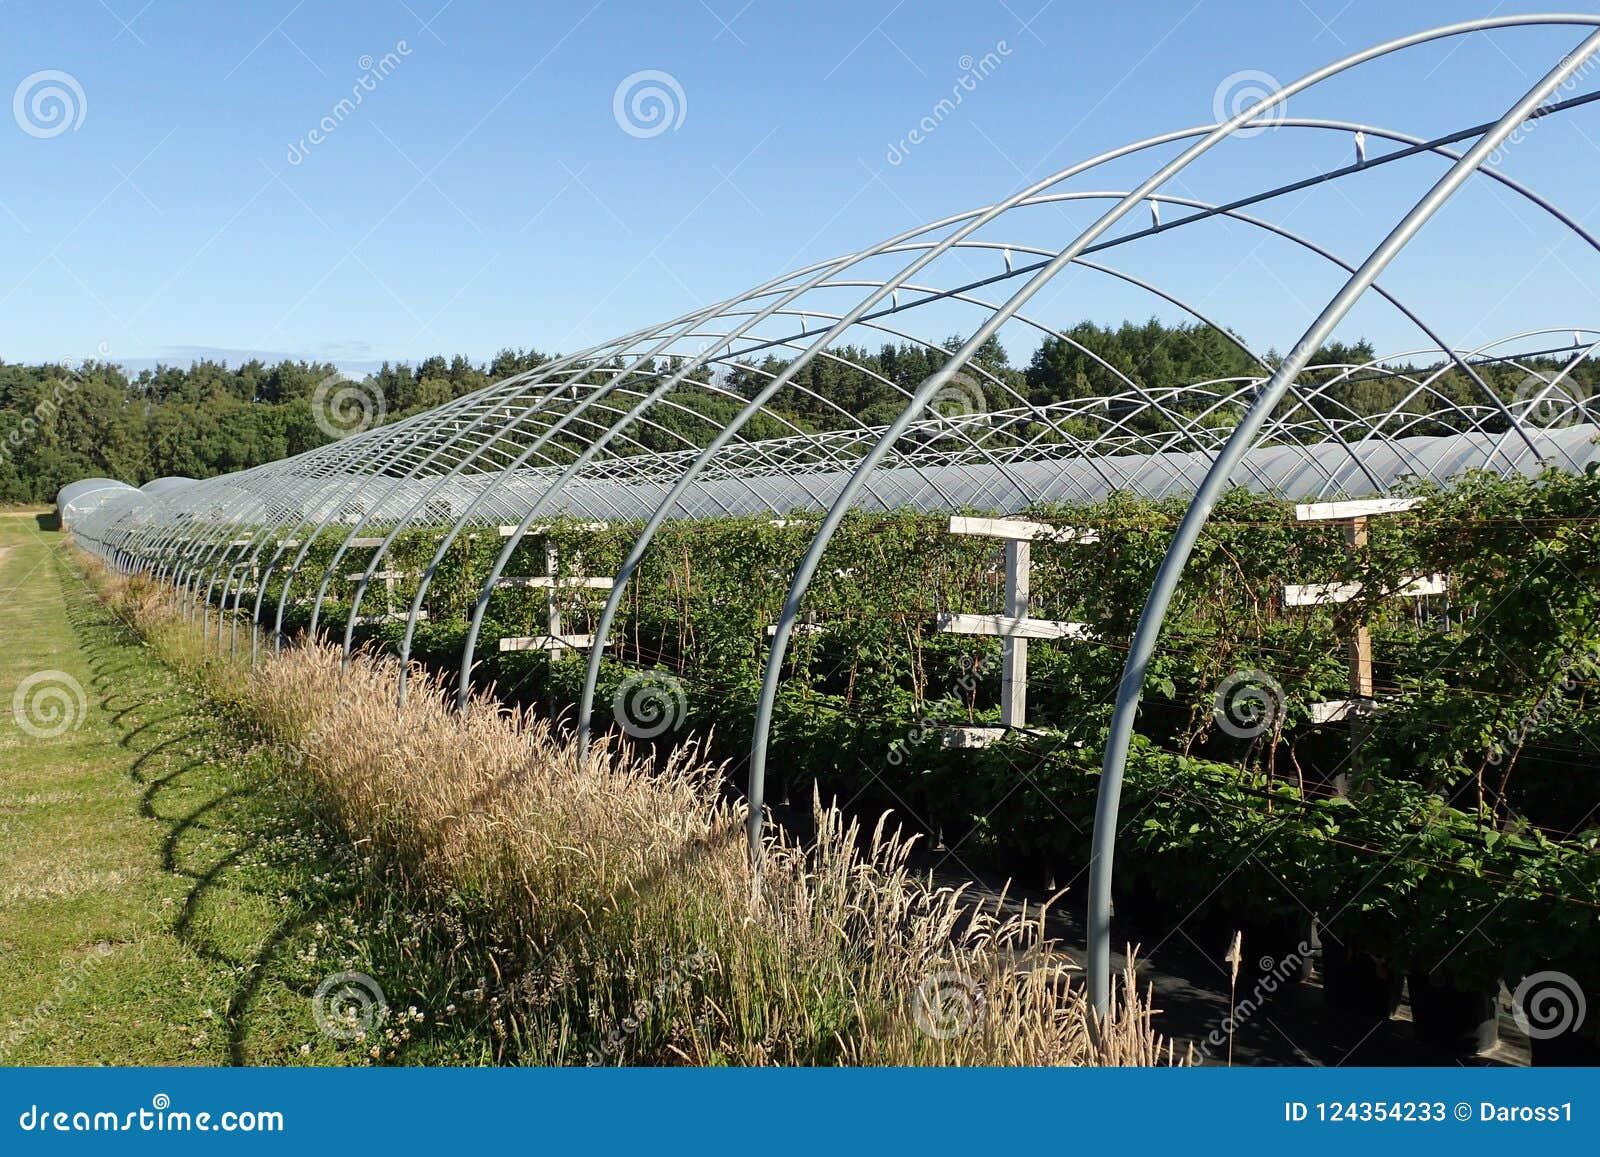 Rader av hallonväxter på en ` väljer din egen `-lantgård nära Nairn